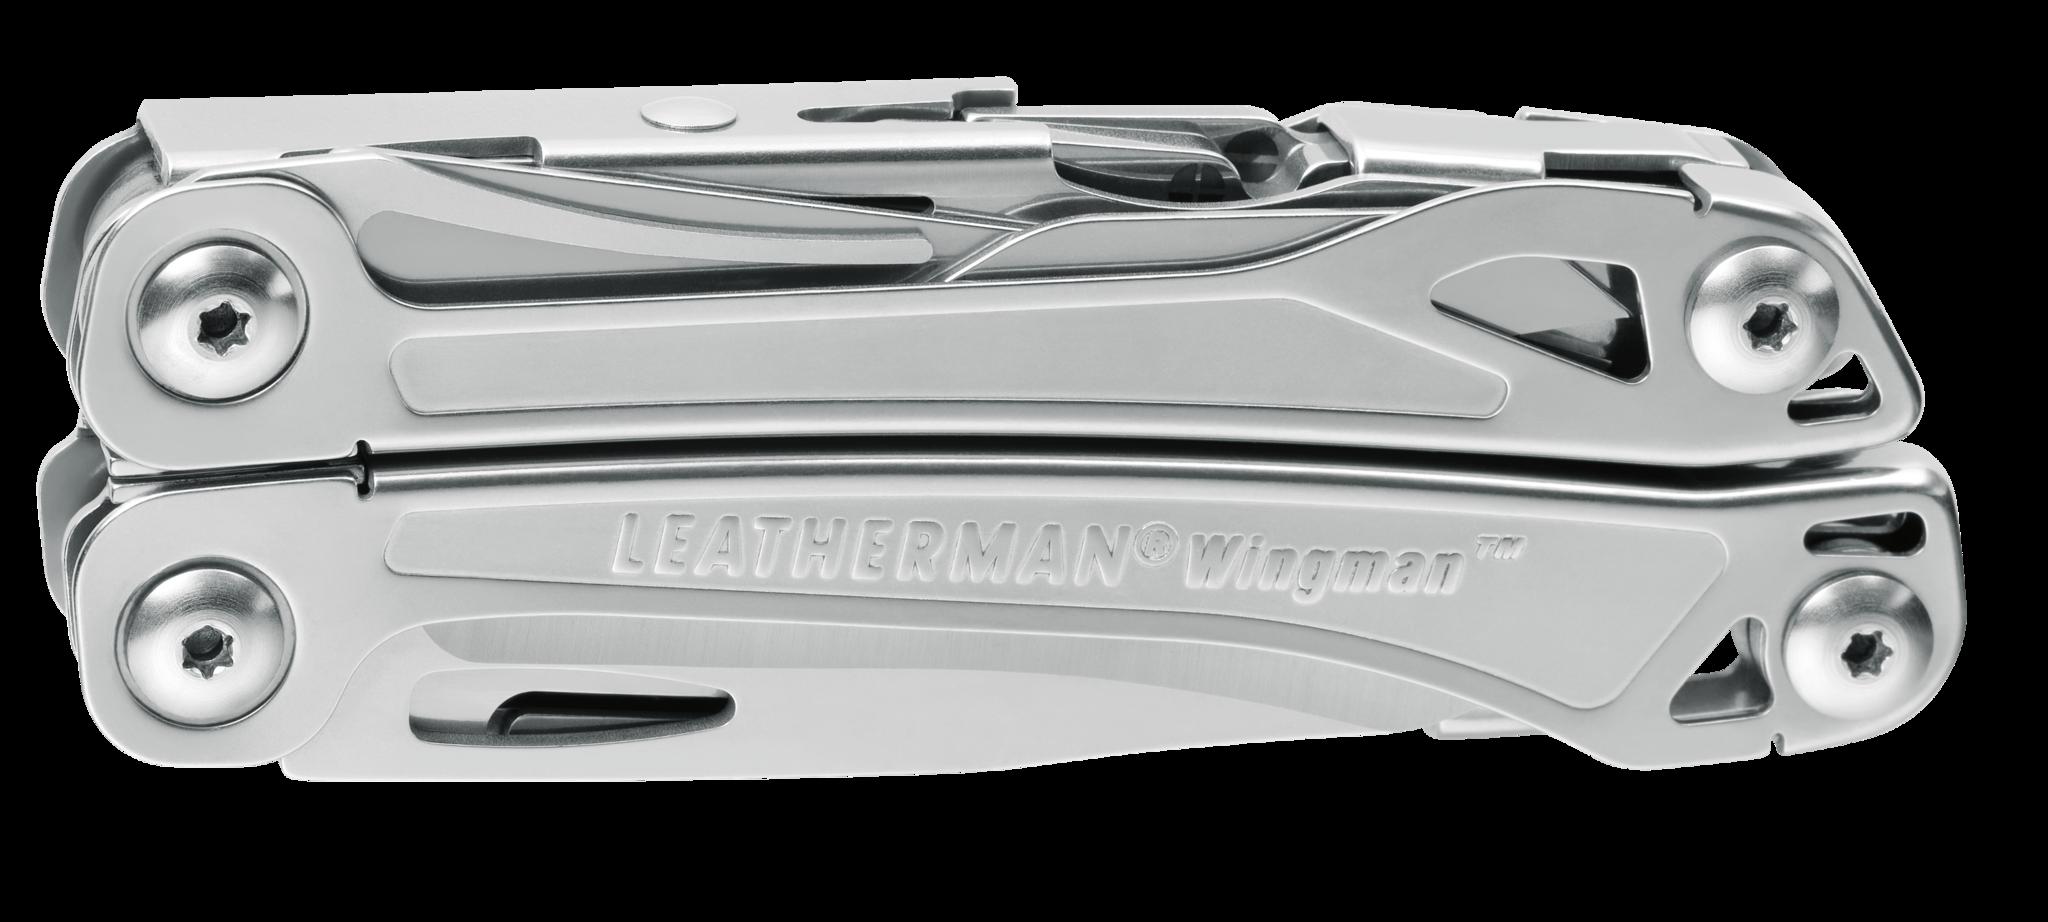 Мультитул Leatherman Wingman (831437)